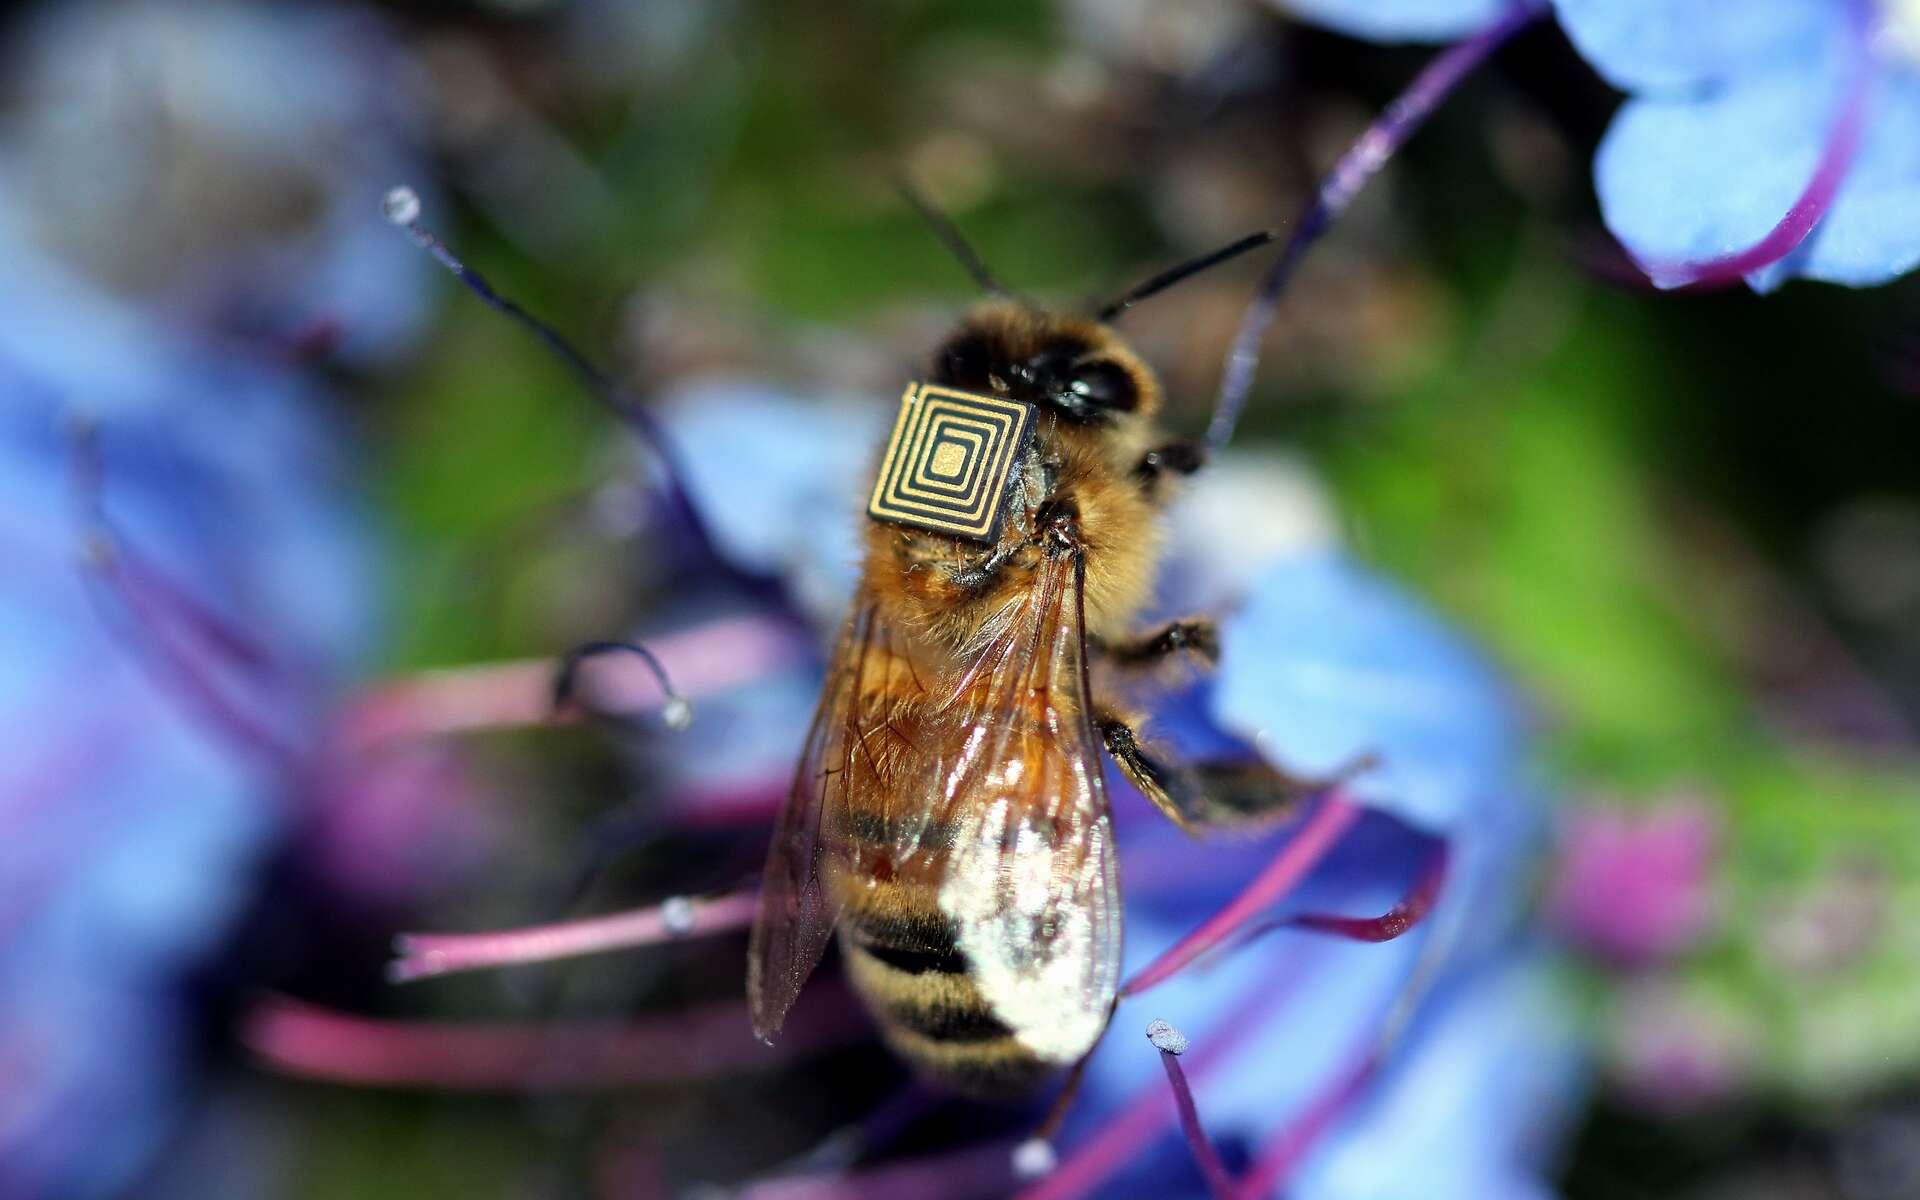 Des milliers d'abeilles butineuses en Australie sont équipées de capteurs minuscules dans le cadre du programme « essaim de détection ». © CSIRO